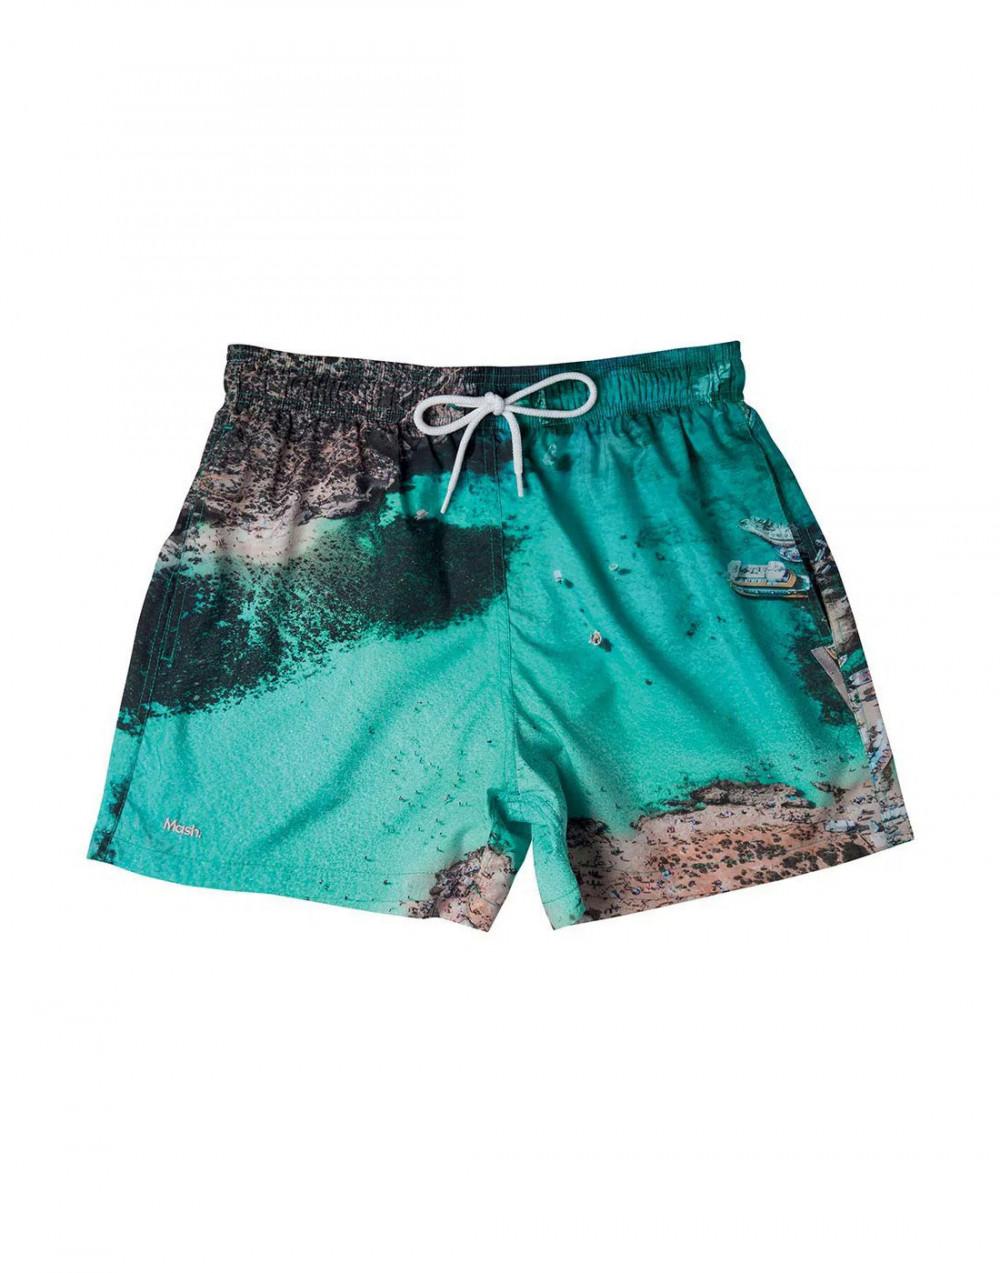 Shorts Curto Estampado Paisagens FPS 30 Mash